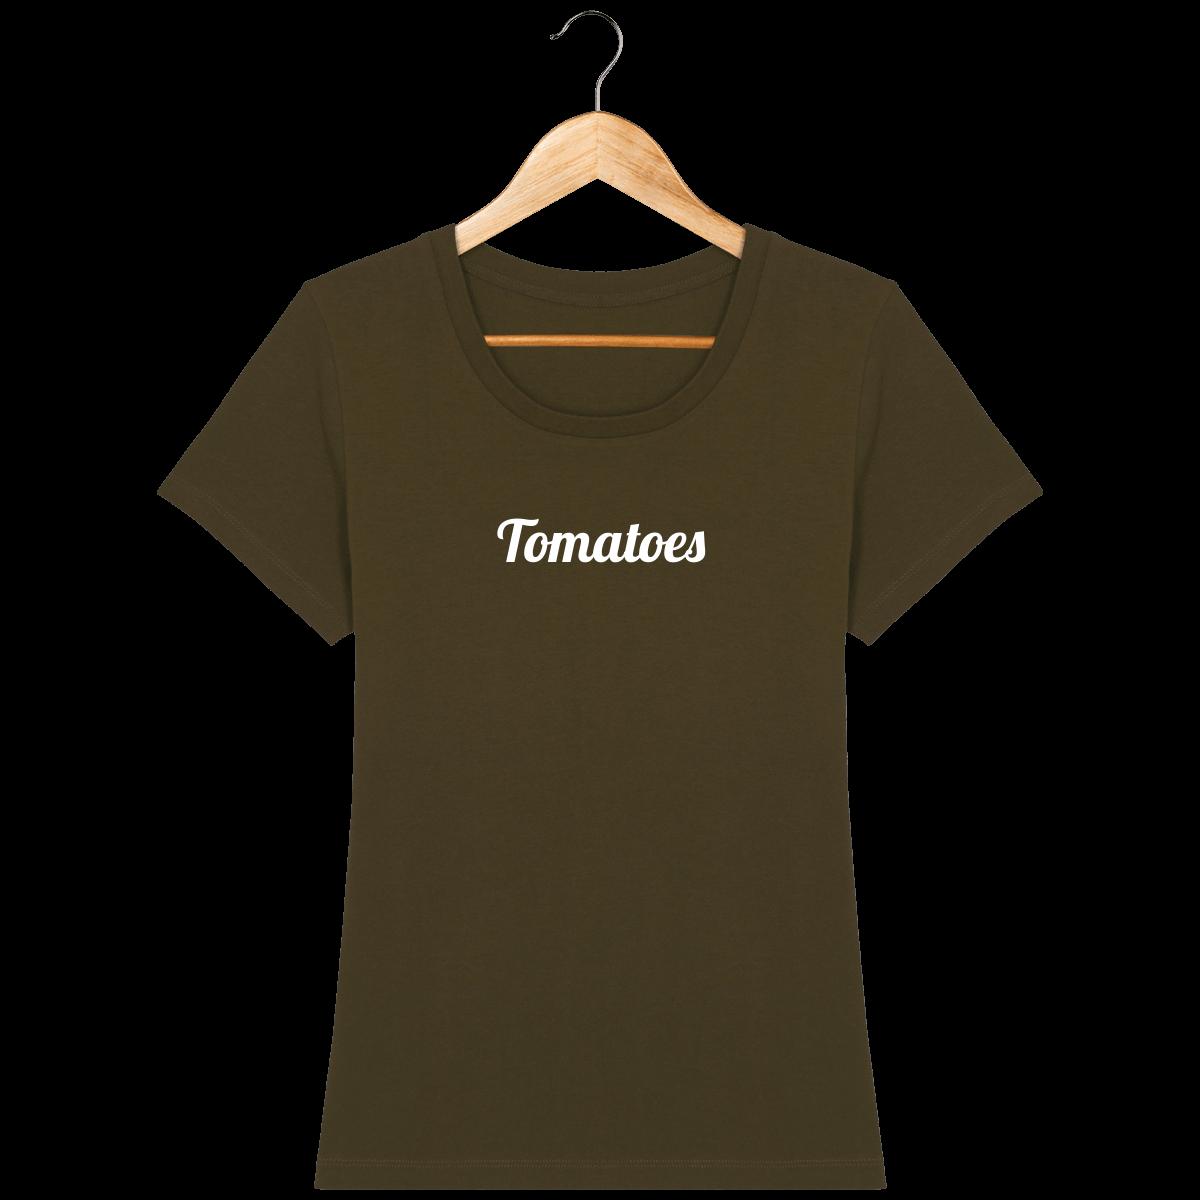 tee-shirt-bio-brode-tomatoes-varsitygreen-white_british-khaki_face